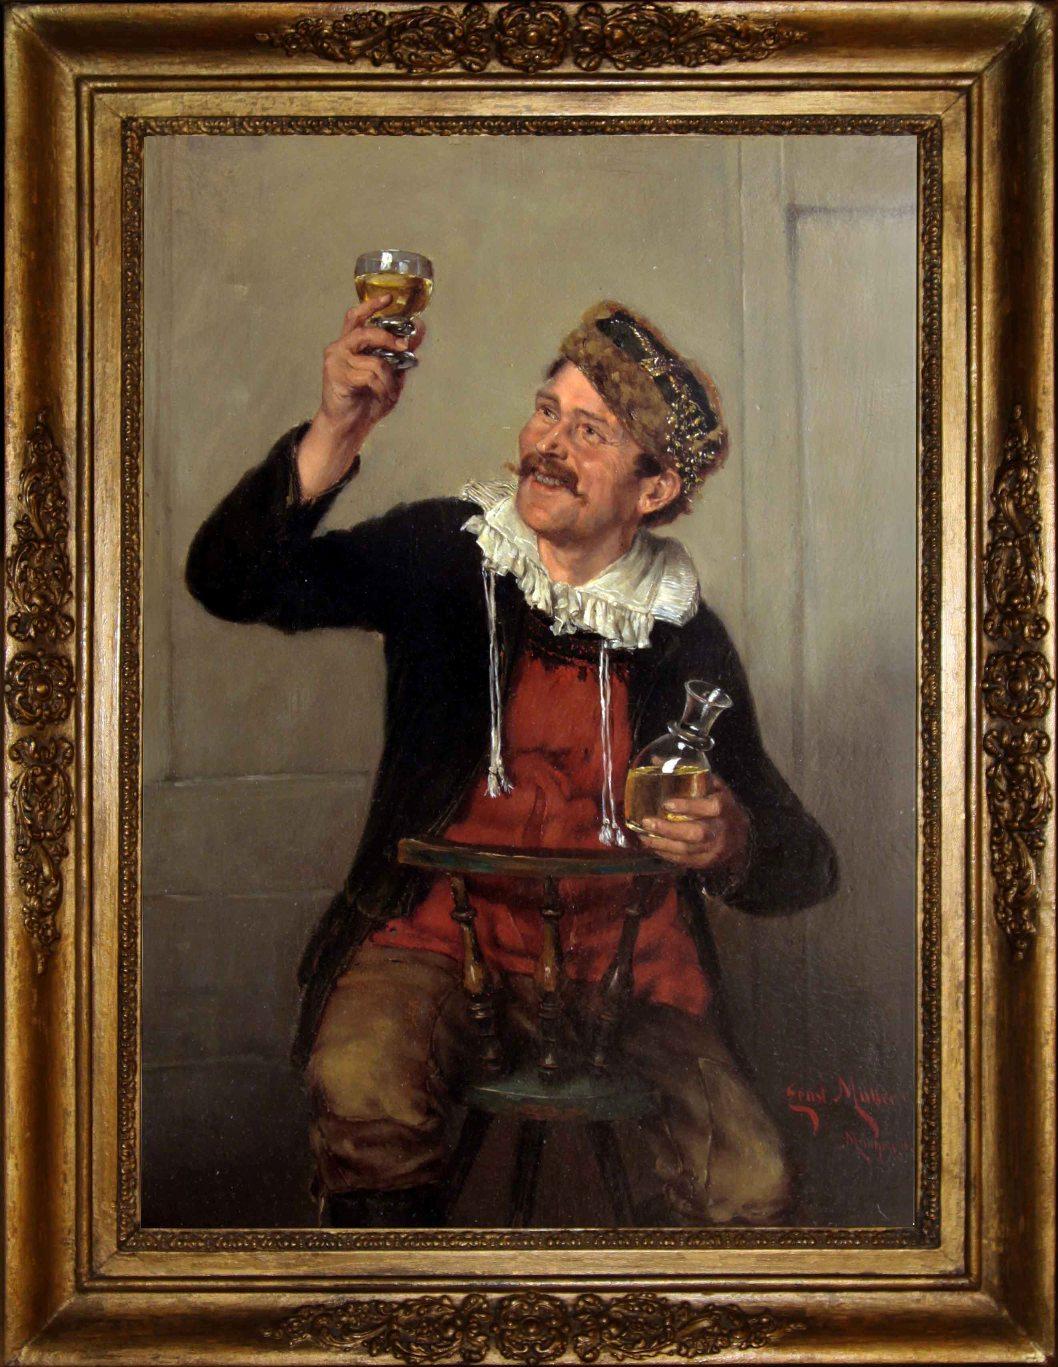 """Старинная картина: """" Проба вина"""". Западная Европа, конец 19 века. Автор: Ernst Emmanuel MÜLLER (1844-1915)"""